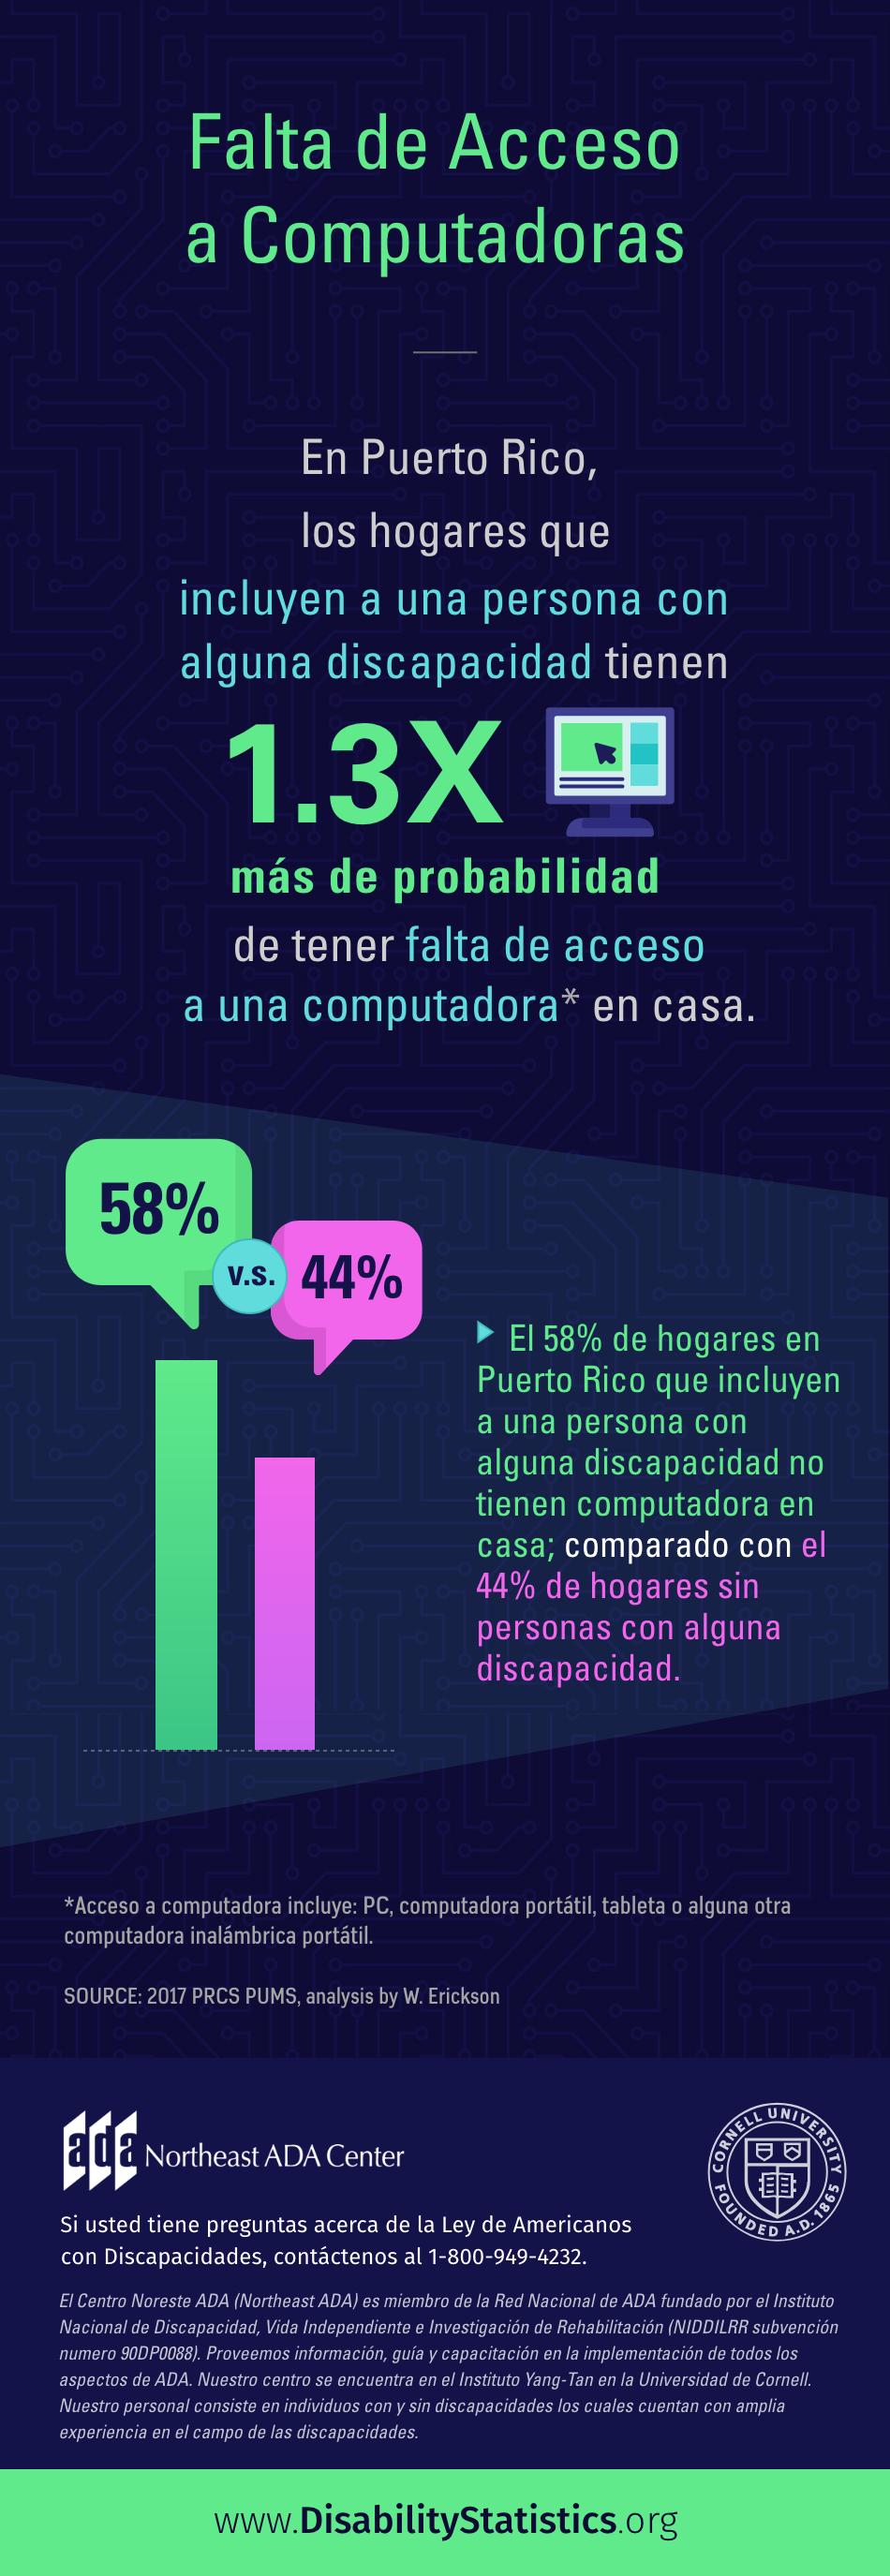 Una infografía: Falta de Acceso a Computadoras En Puerto Rico, los hogares que incluyen a una persona con alguna discapacidad tienen 1.3 veces más de probabilidad de tener falta de acceso a una computadora en casa. (Acceso a computadora incluye: PC, computadora portátil. El 58% de hogares en Puerto Rico que incluyen a una persona con alguna discapacidad no tienen computadora en casa; comparado con el 44% de hogares sin personas con alguna discapacidad. SOURCE: 2017 PRCS PUMA, analysis by W. Erickson Si usted tiene preguntas acerca de la Ley de Americanos con Discapacidades, contáctenos al 1-800-949-4232